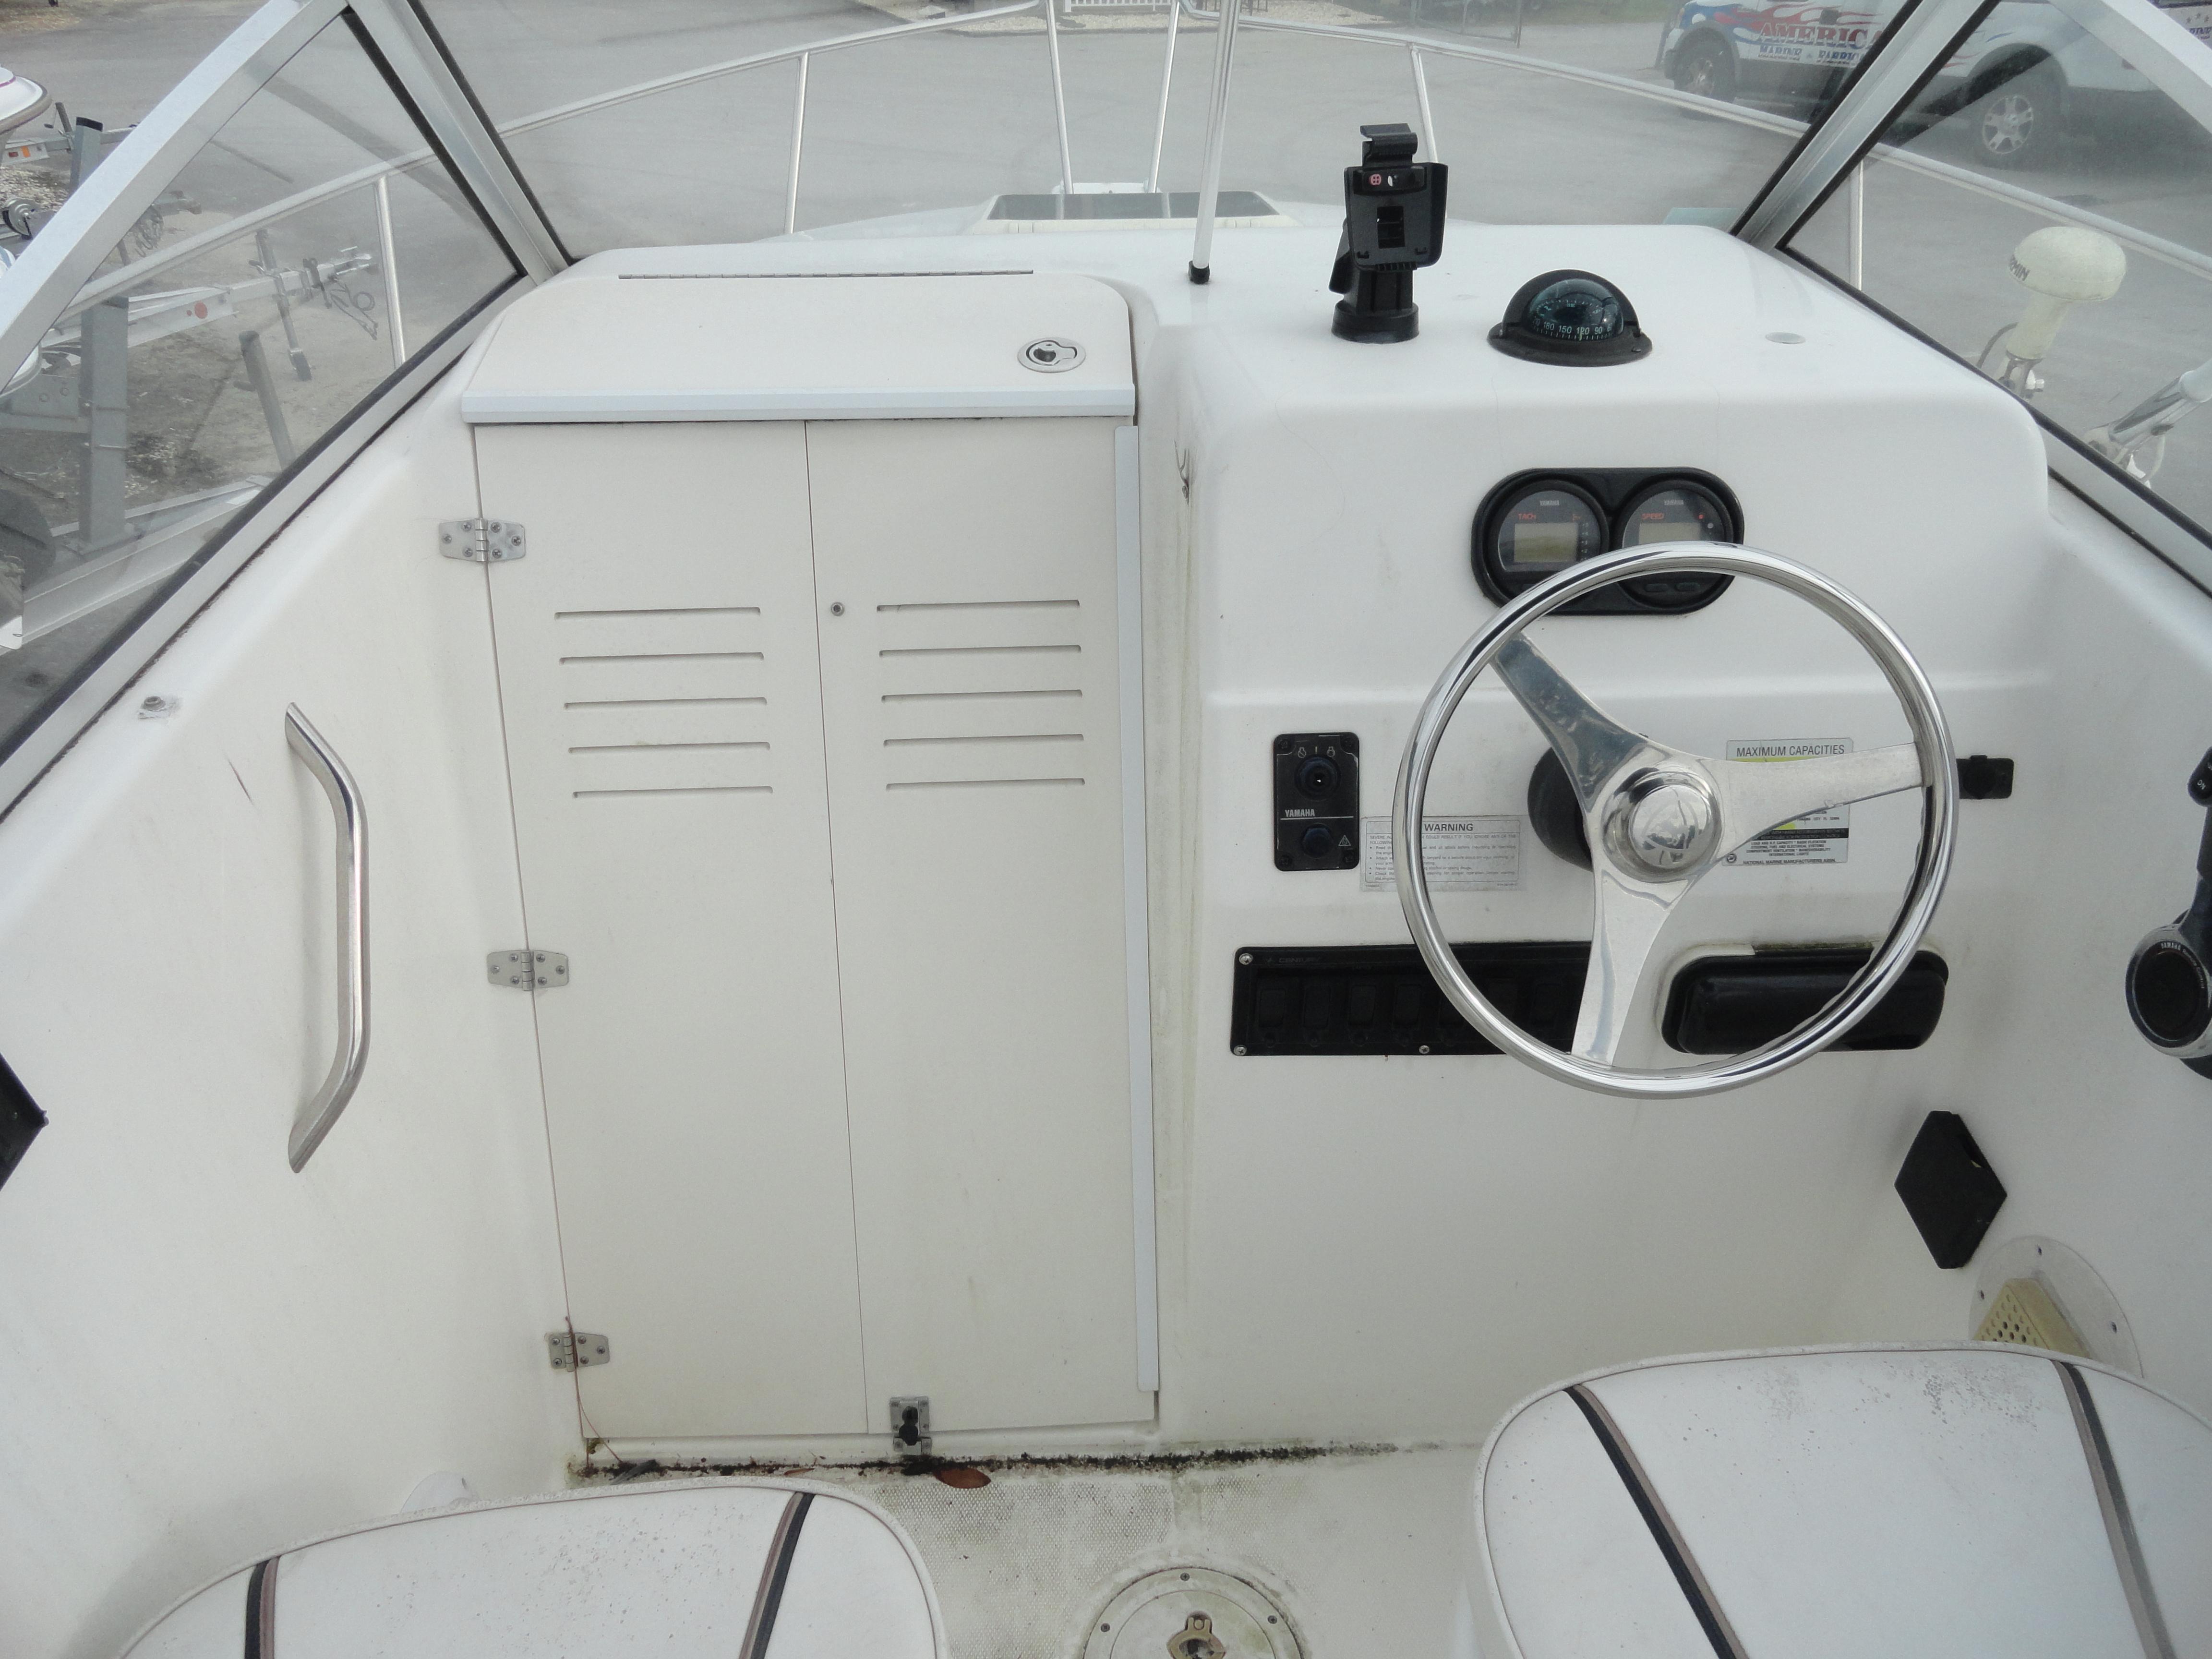 https://0201.nccdn.net/4_2/000/000/017/e75/Davies--Front-of-boat-4608x3456.jpg